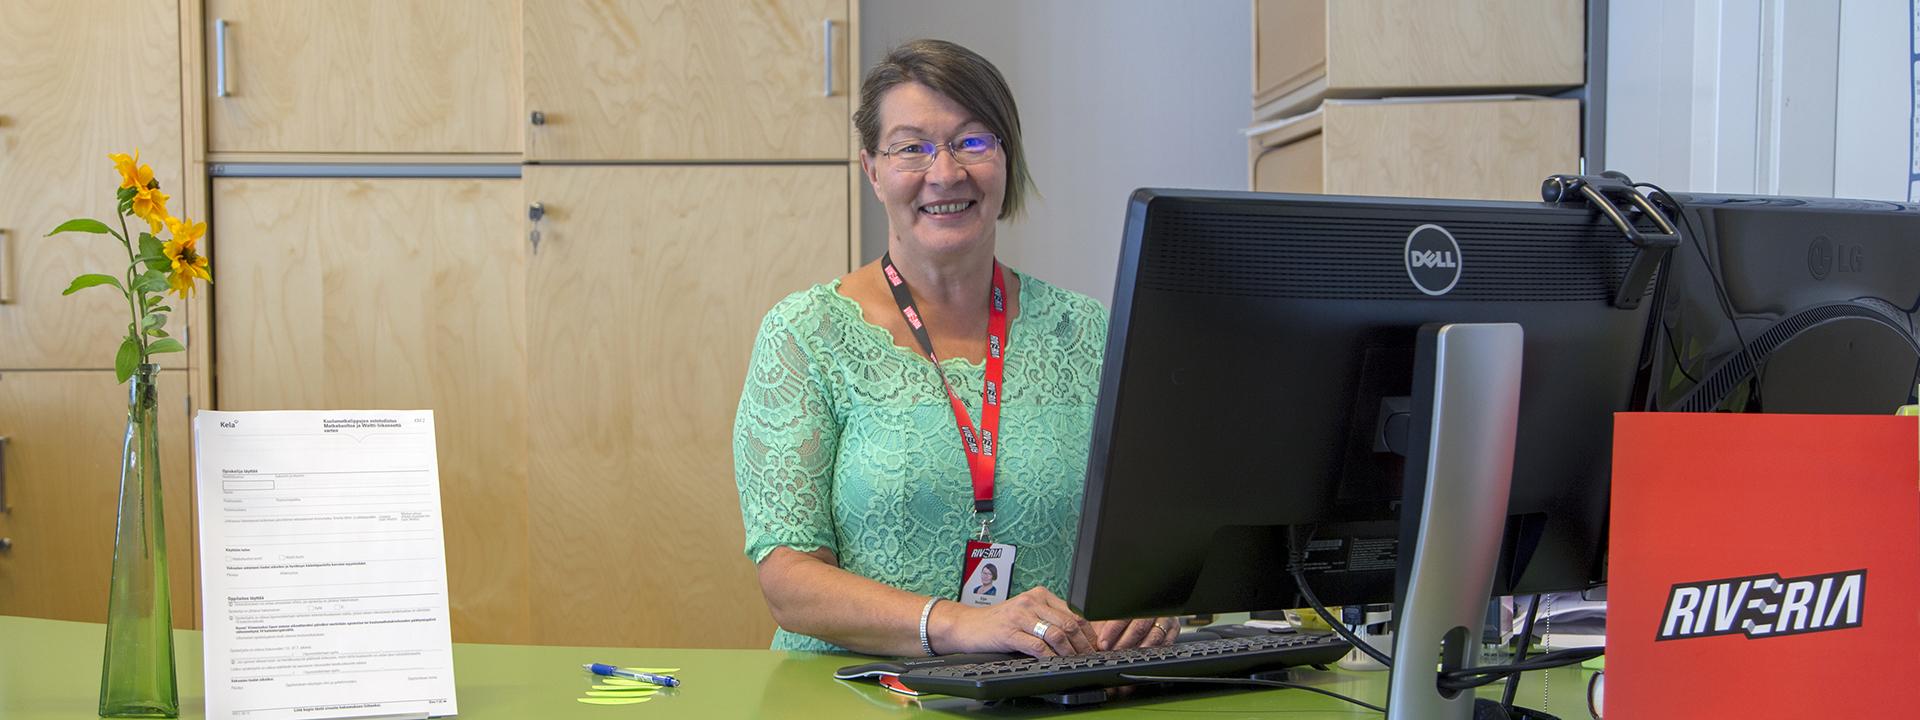 Nainen hymyilee pöydän takanava, opintotoimisto Riveria